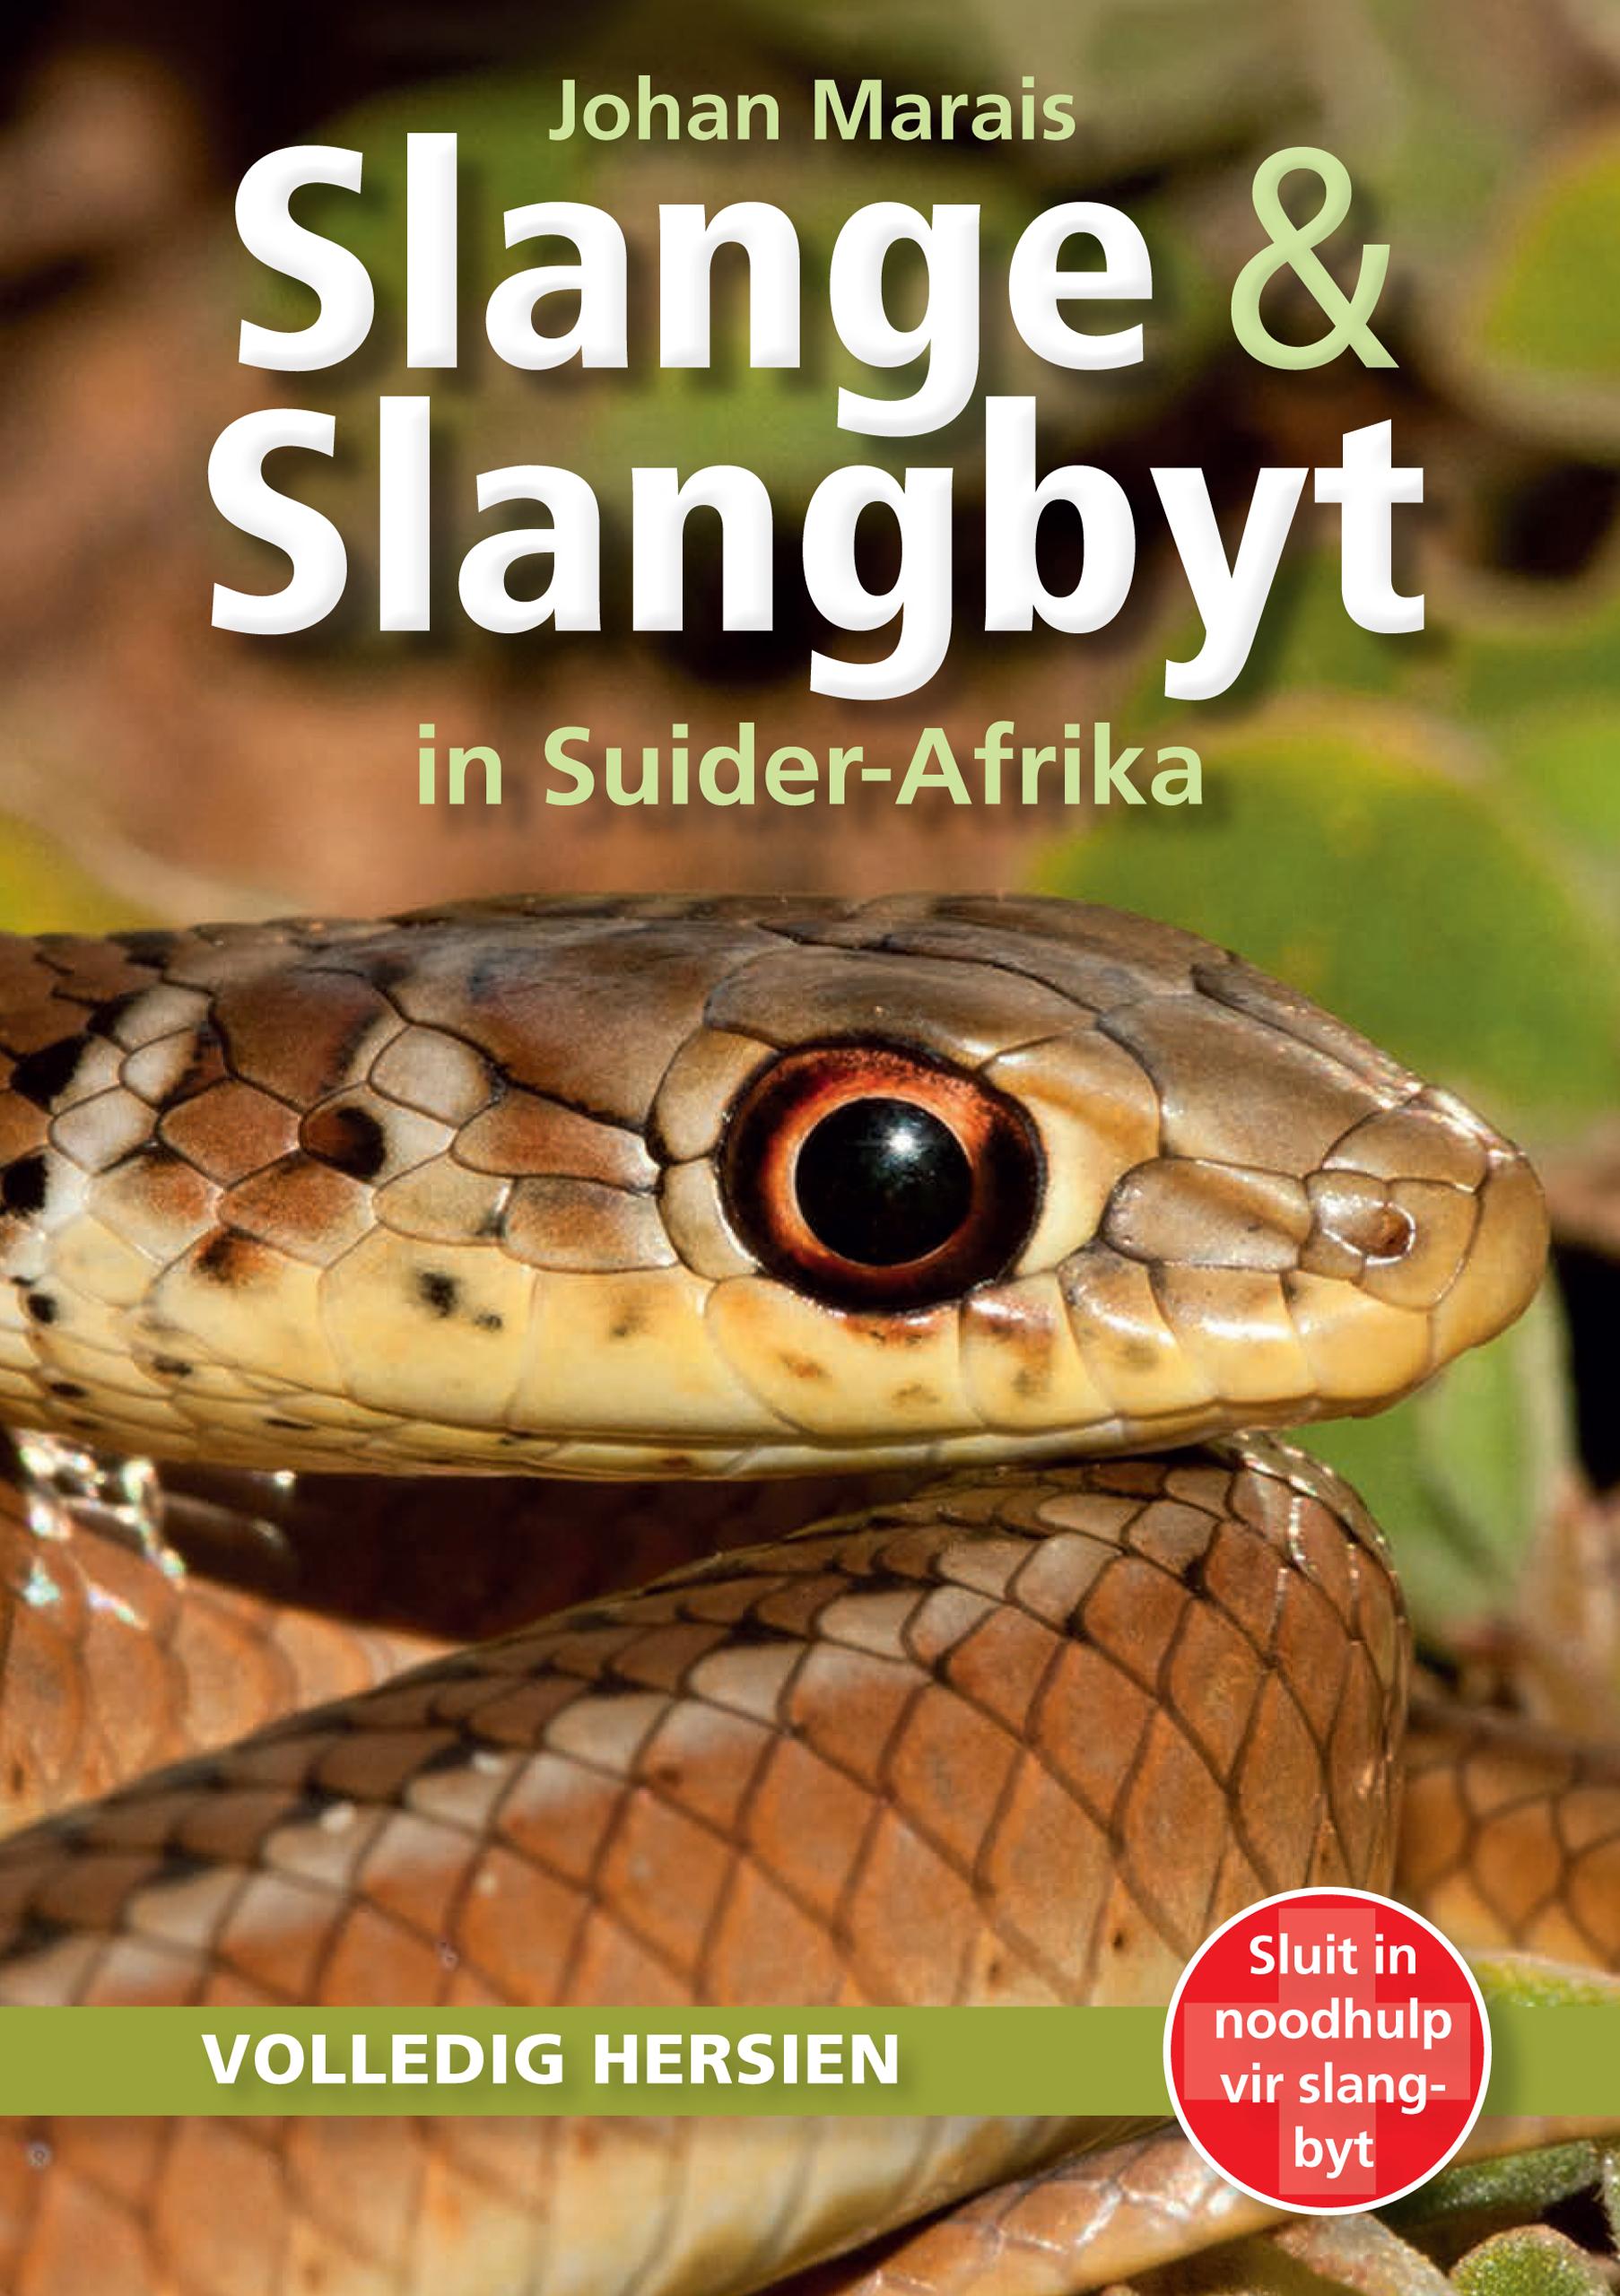 Picture of Slange & slangbyt in Suider-Afrika